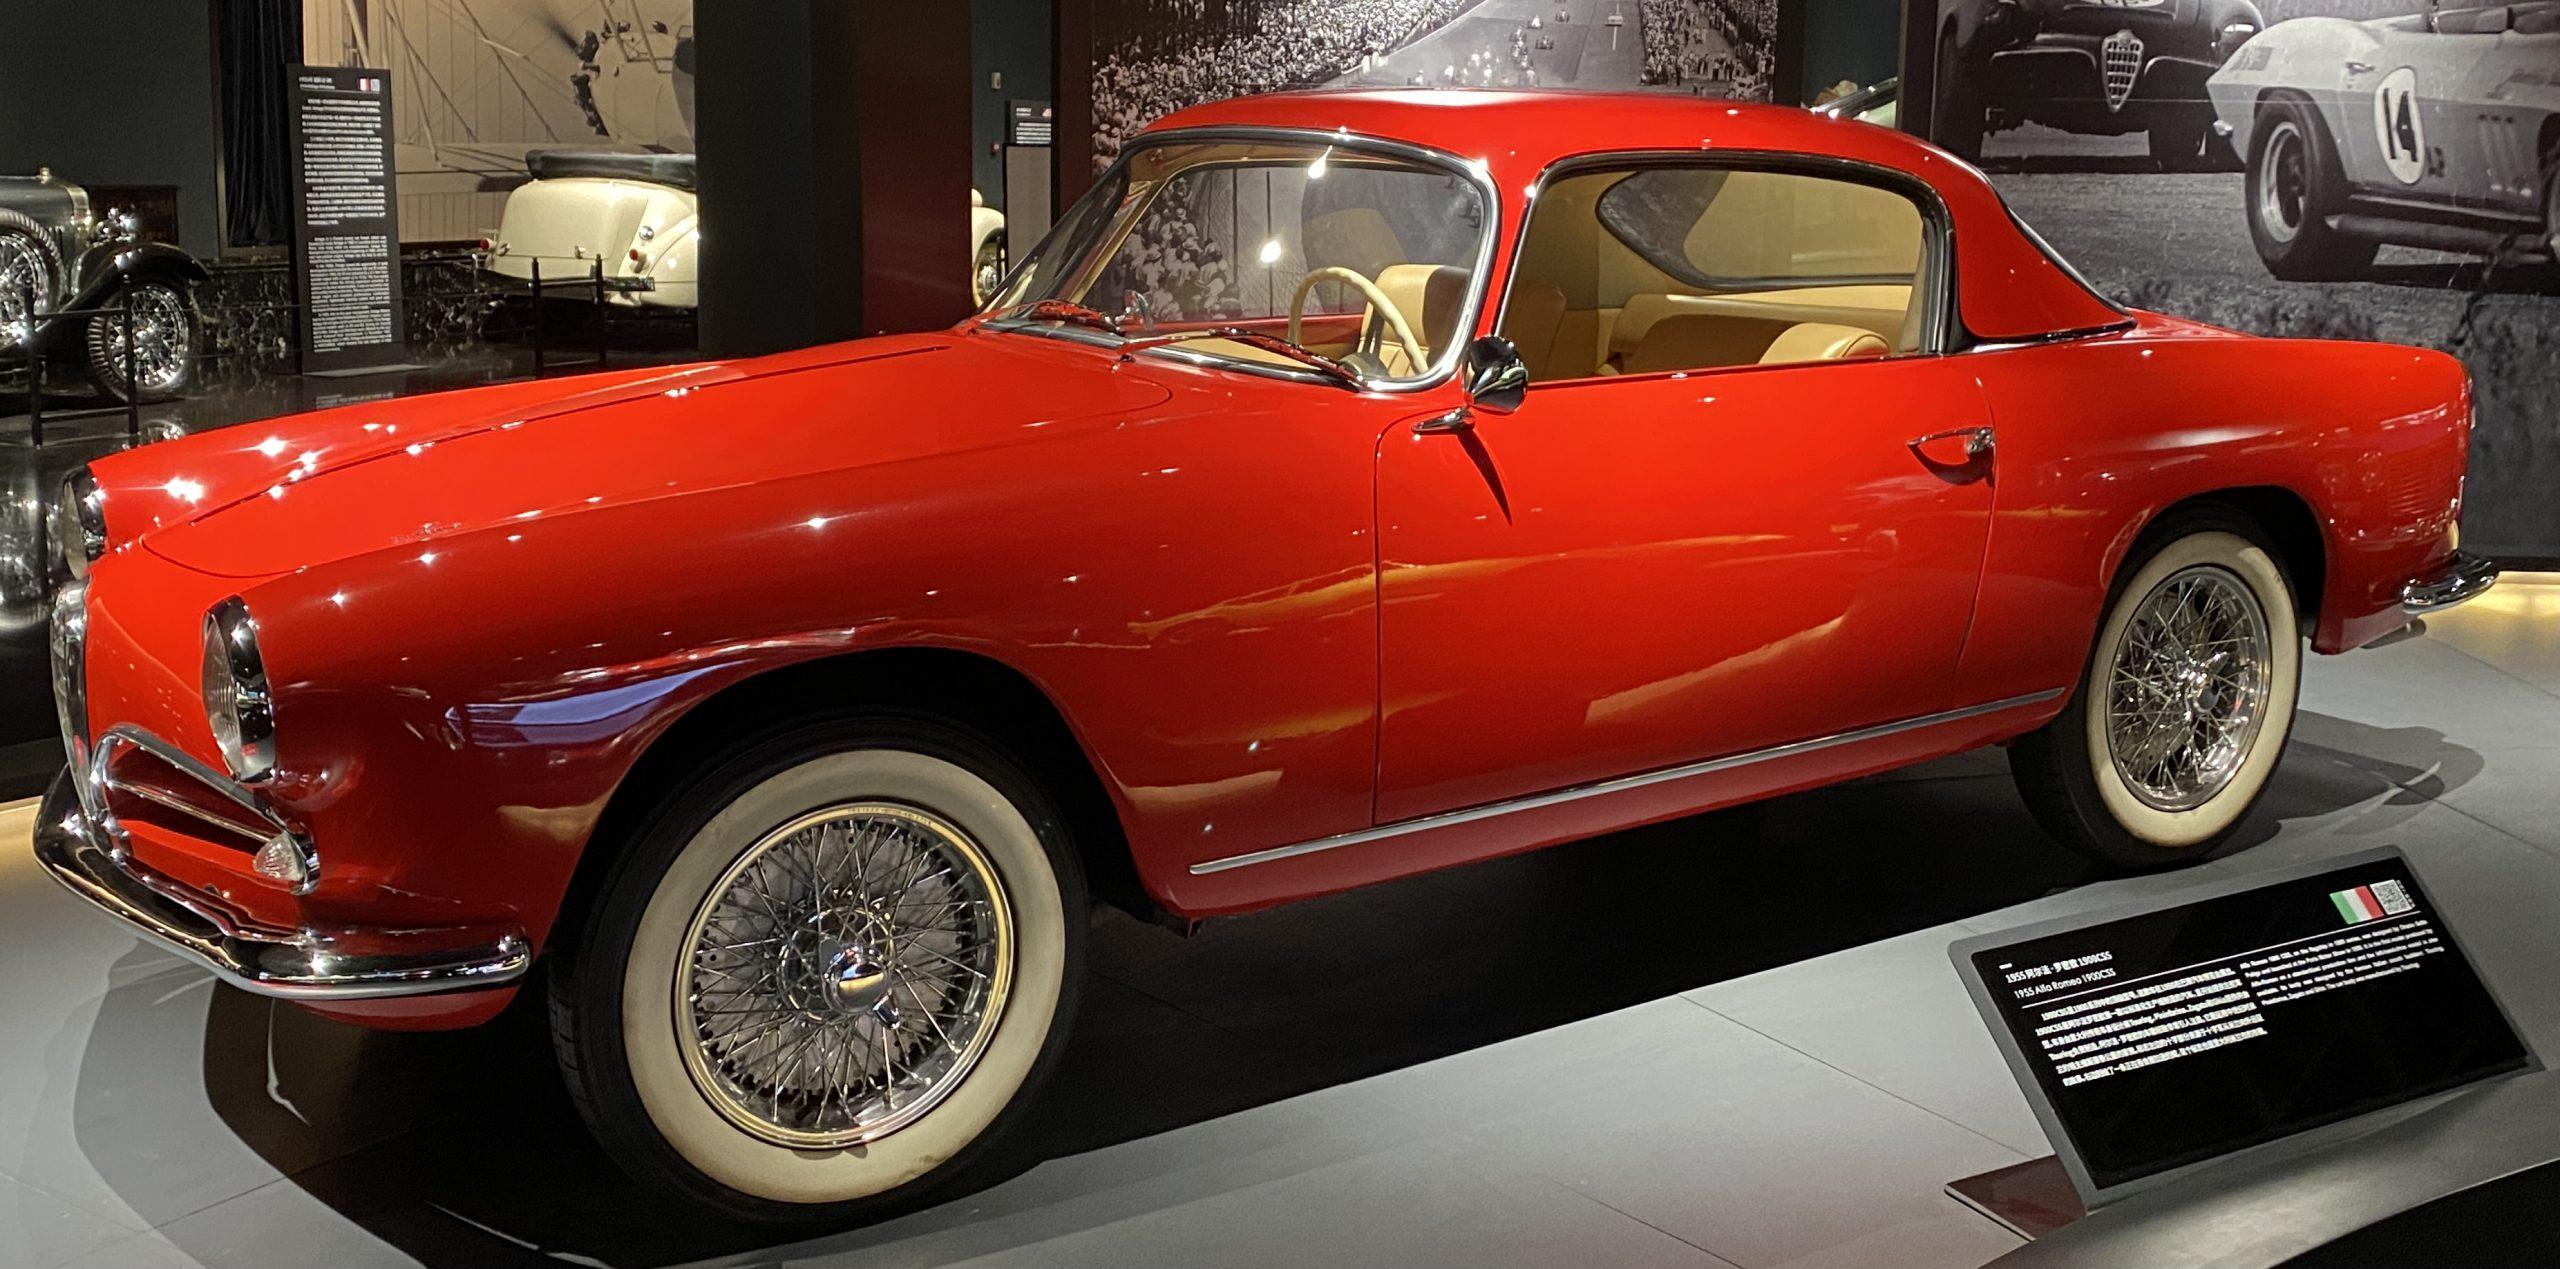 1955アルファロメオ1900CSS-1955 Alfa Romeo 1900CSS-常設展-三和老爺車博物館-成都市-四川省